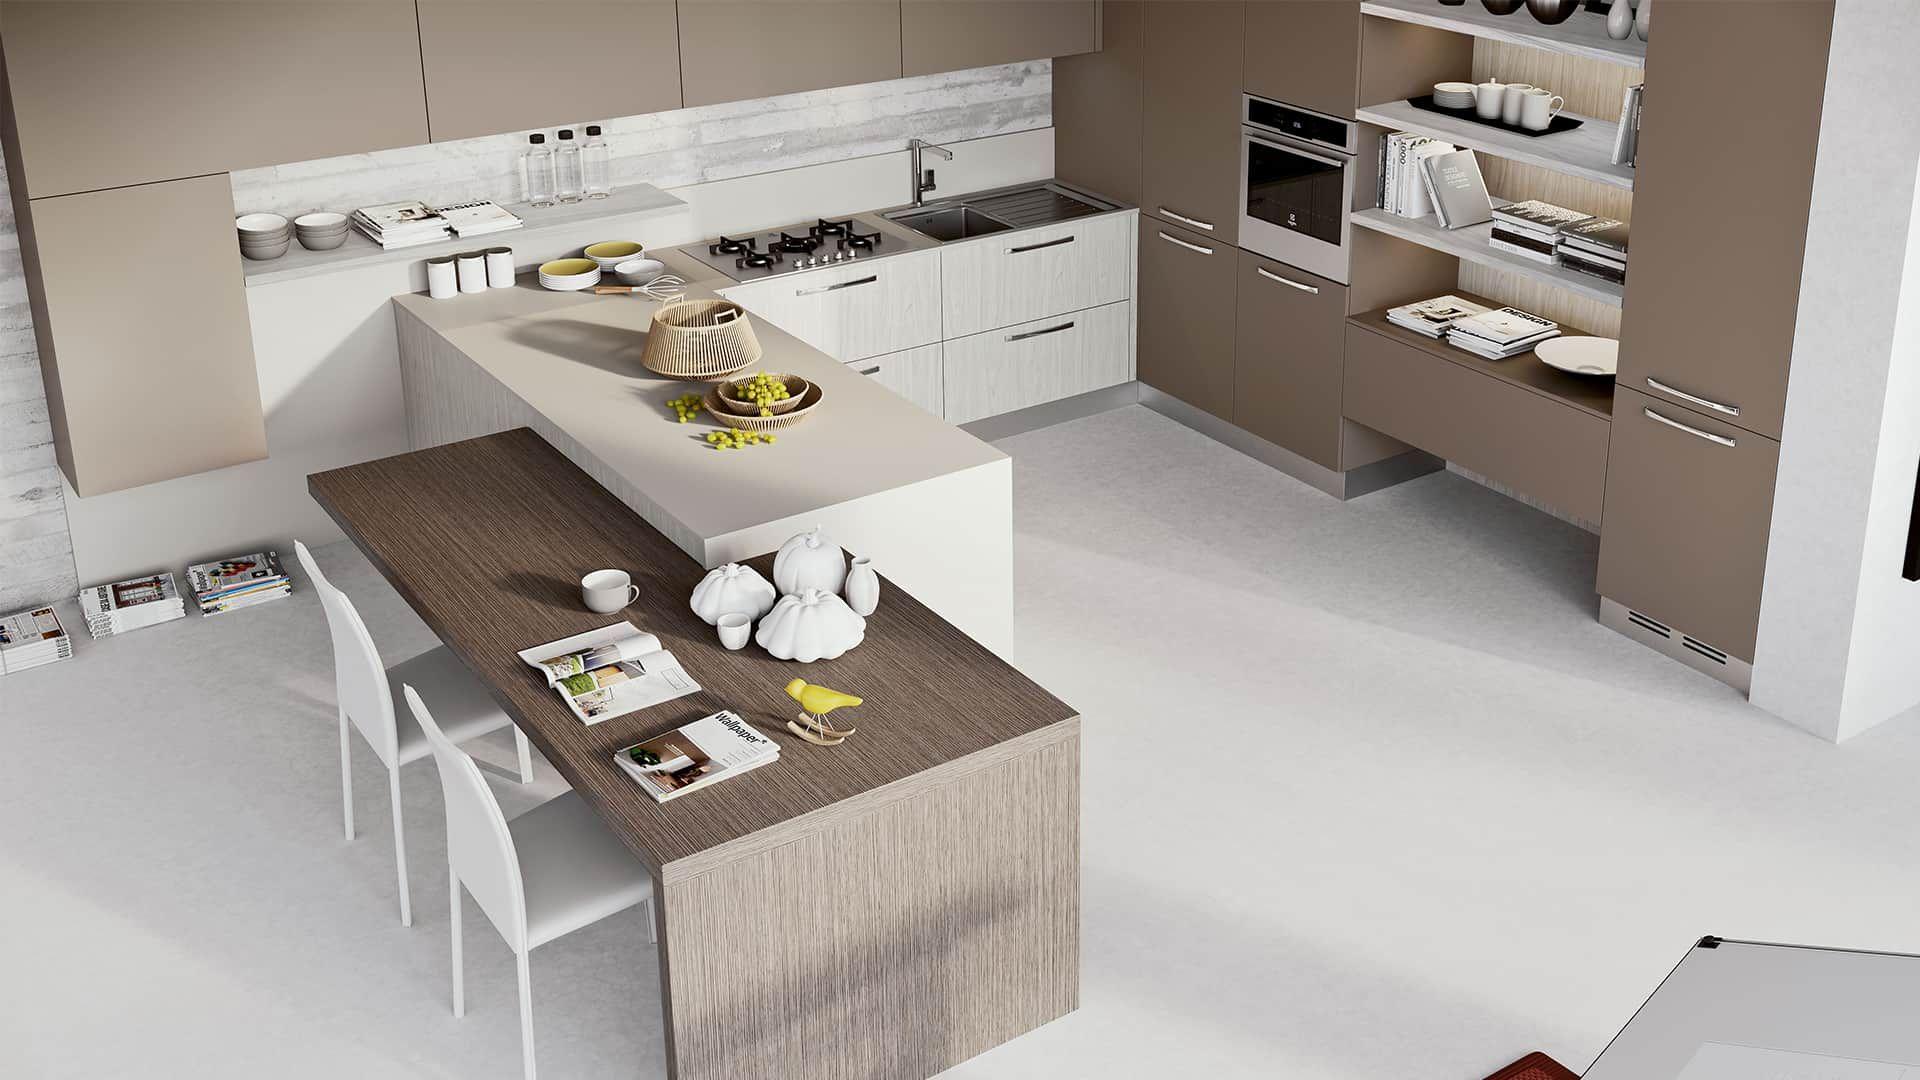 Cucine componibili moderne ad angolo con penisola cucina - Cucine ad angolo con penisola ...